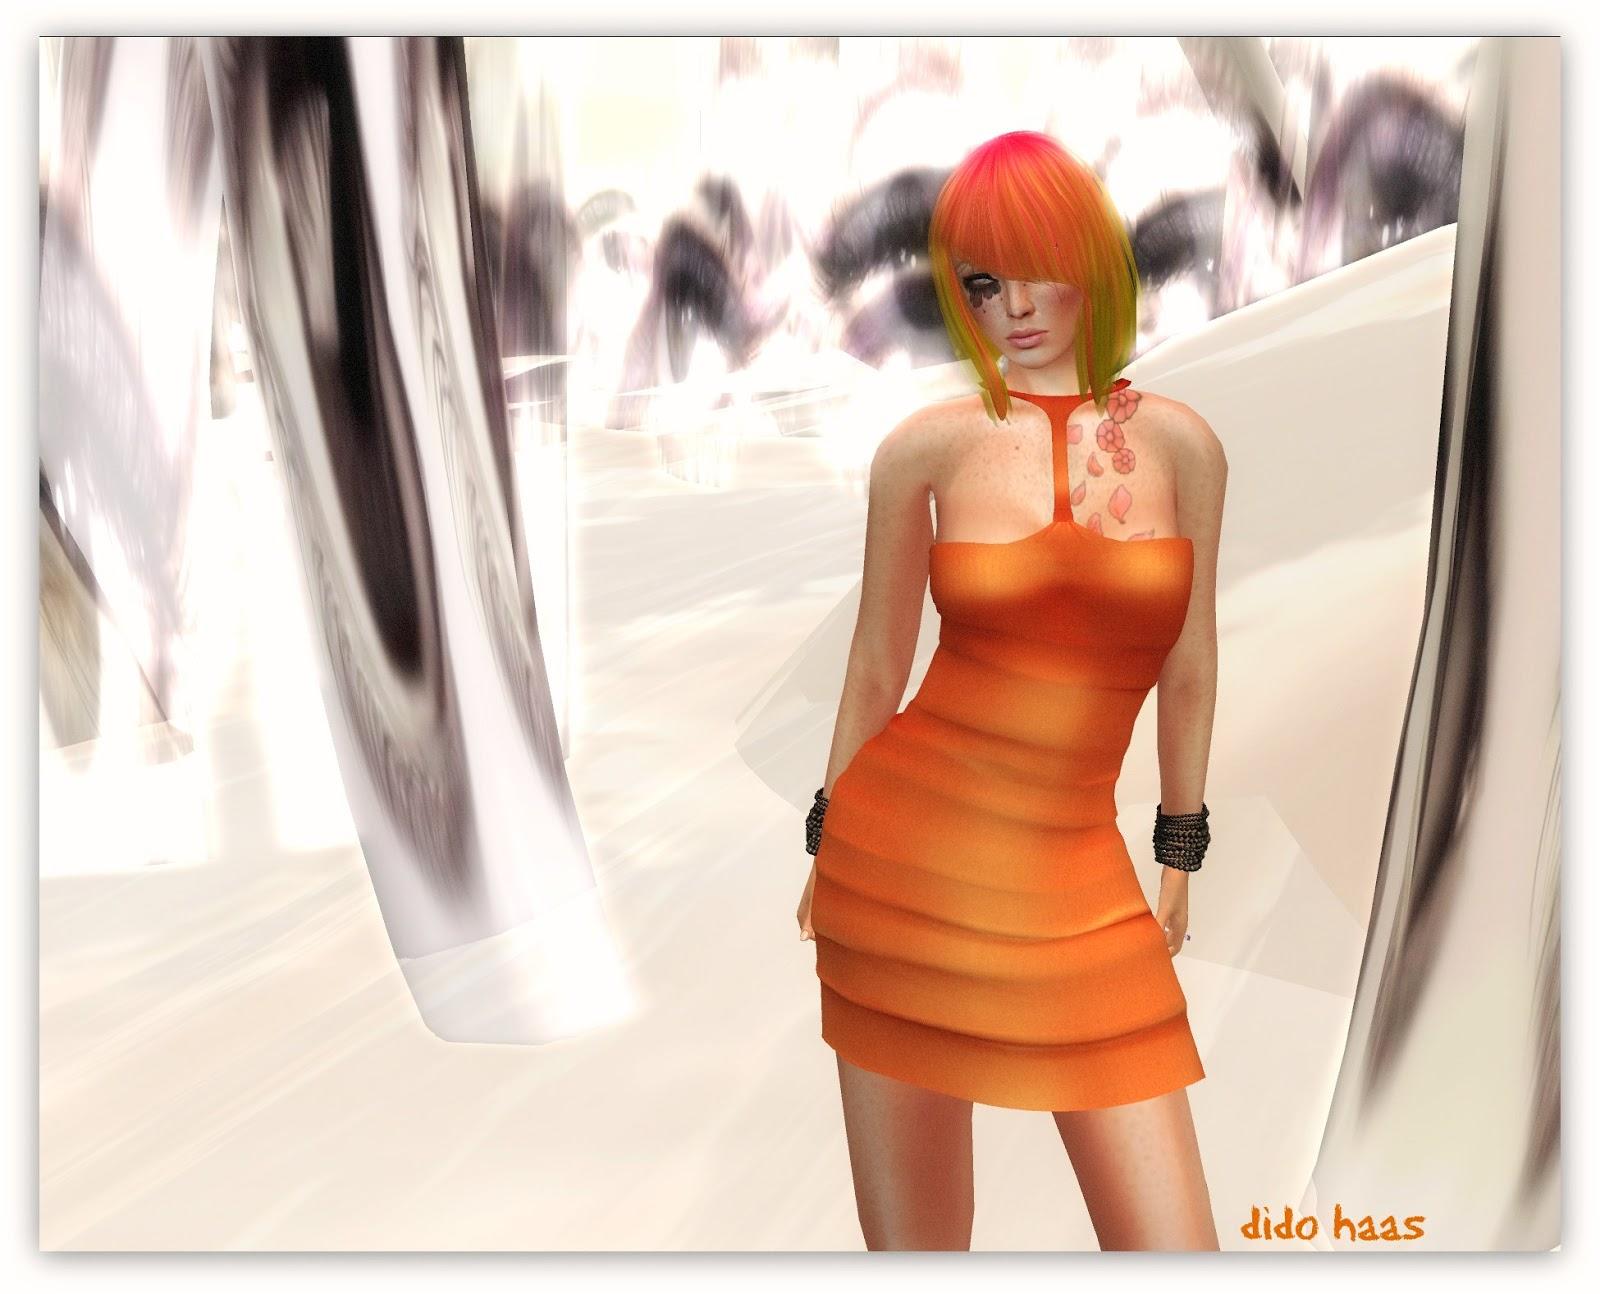 http://4.bp.blogspot.com/-uy2t2bciDTw/USVtah0x8TI/AAAAAAAAJLo/3s8exRZVTIw/s1600/dutch+design+02.jpg